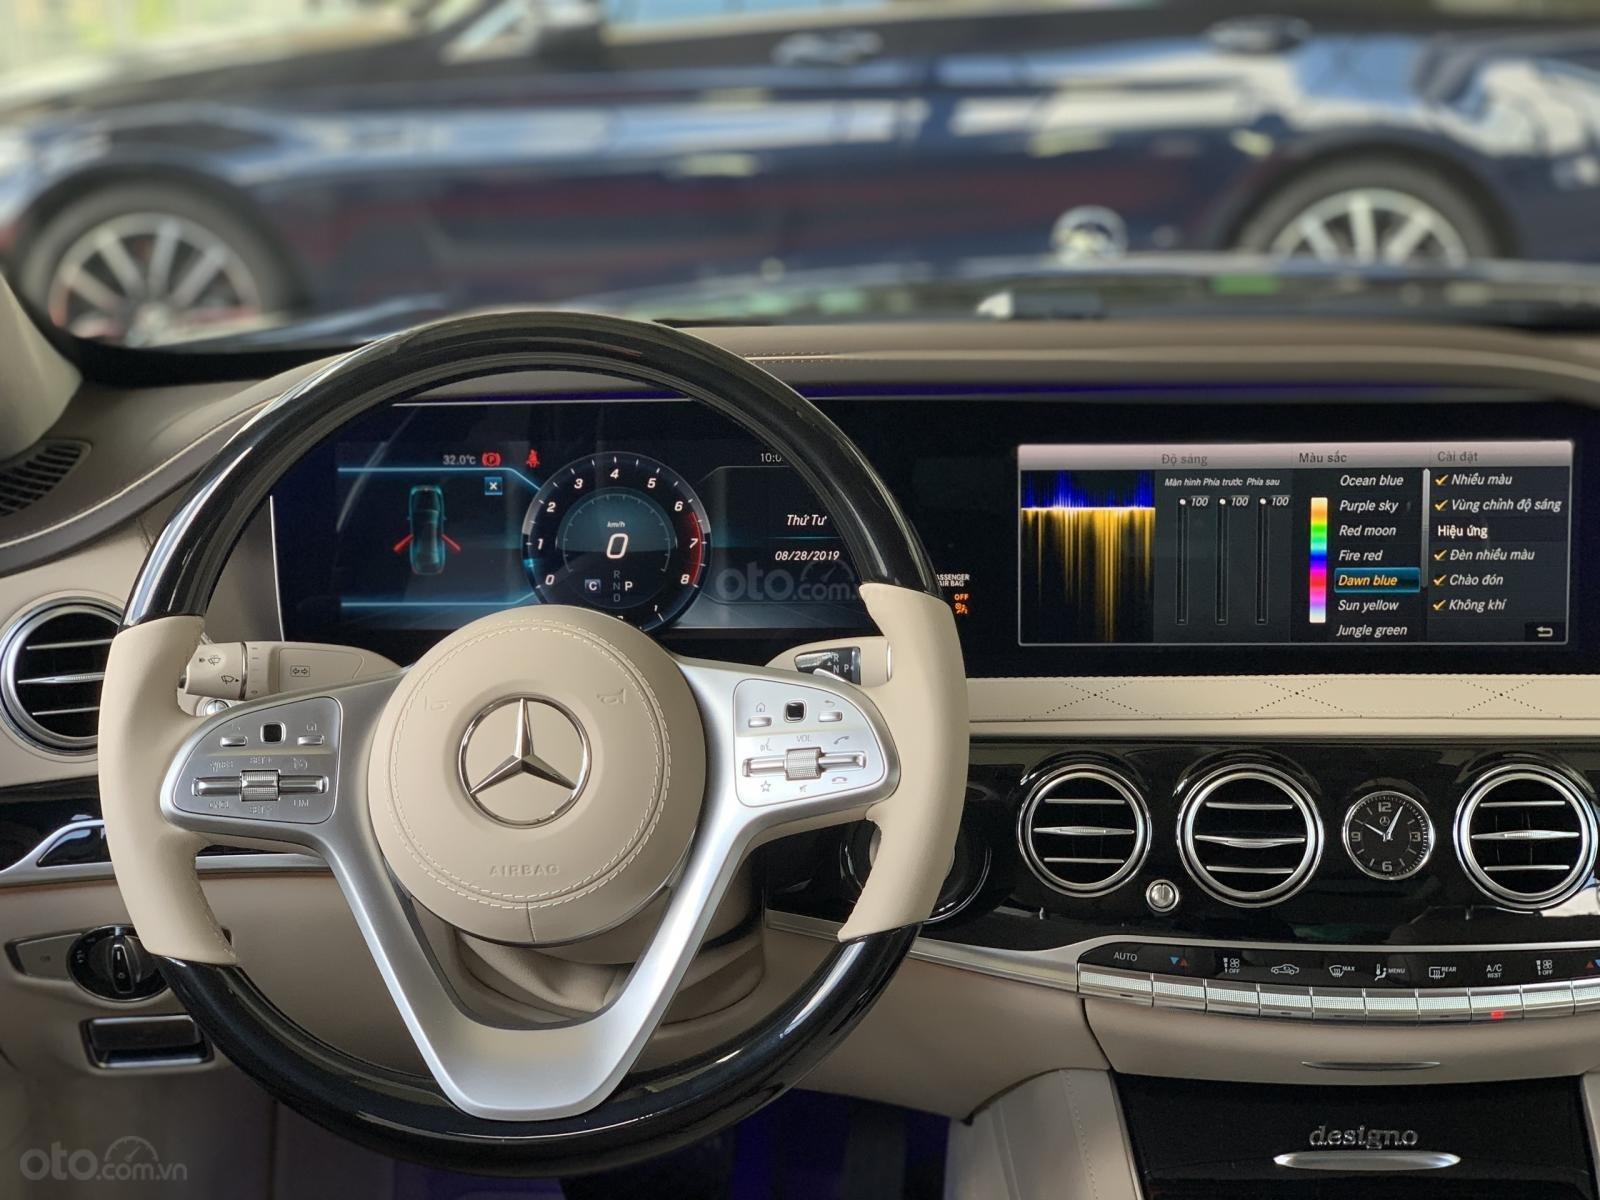 Bán Mercedes S450 Luxury 2019 xuất hiện tại thị trường Việt Nam, đẳng cấp (13)